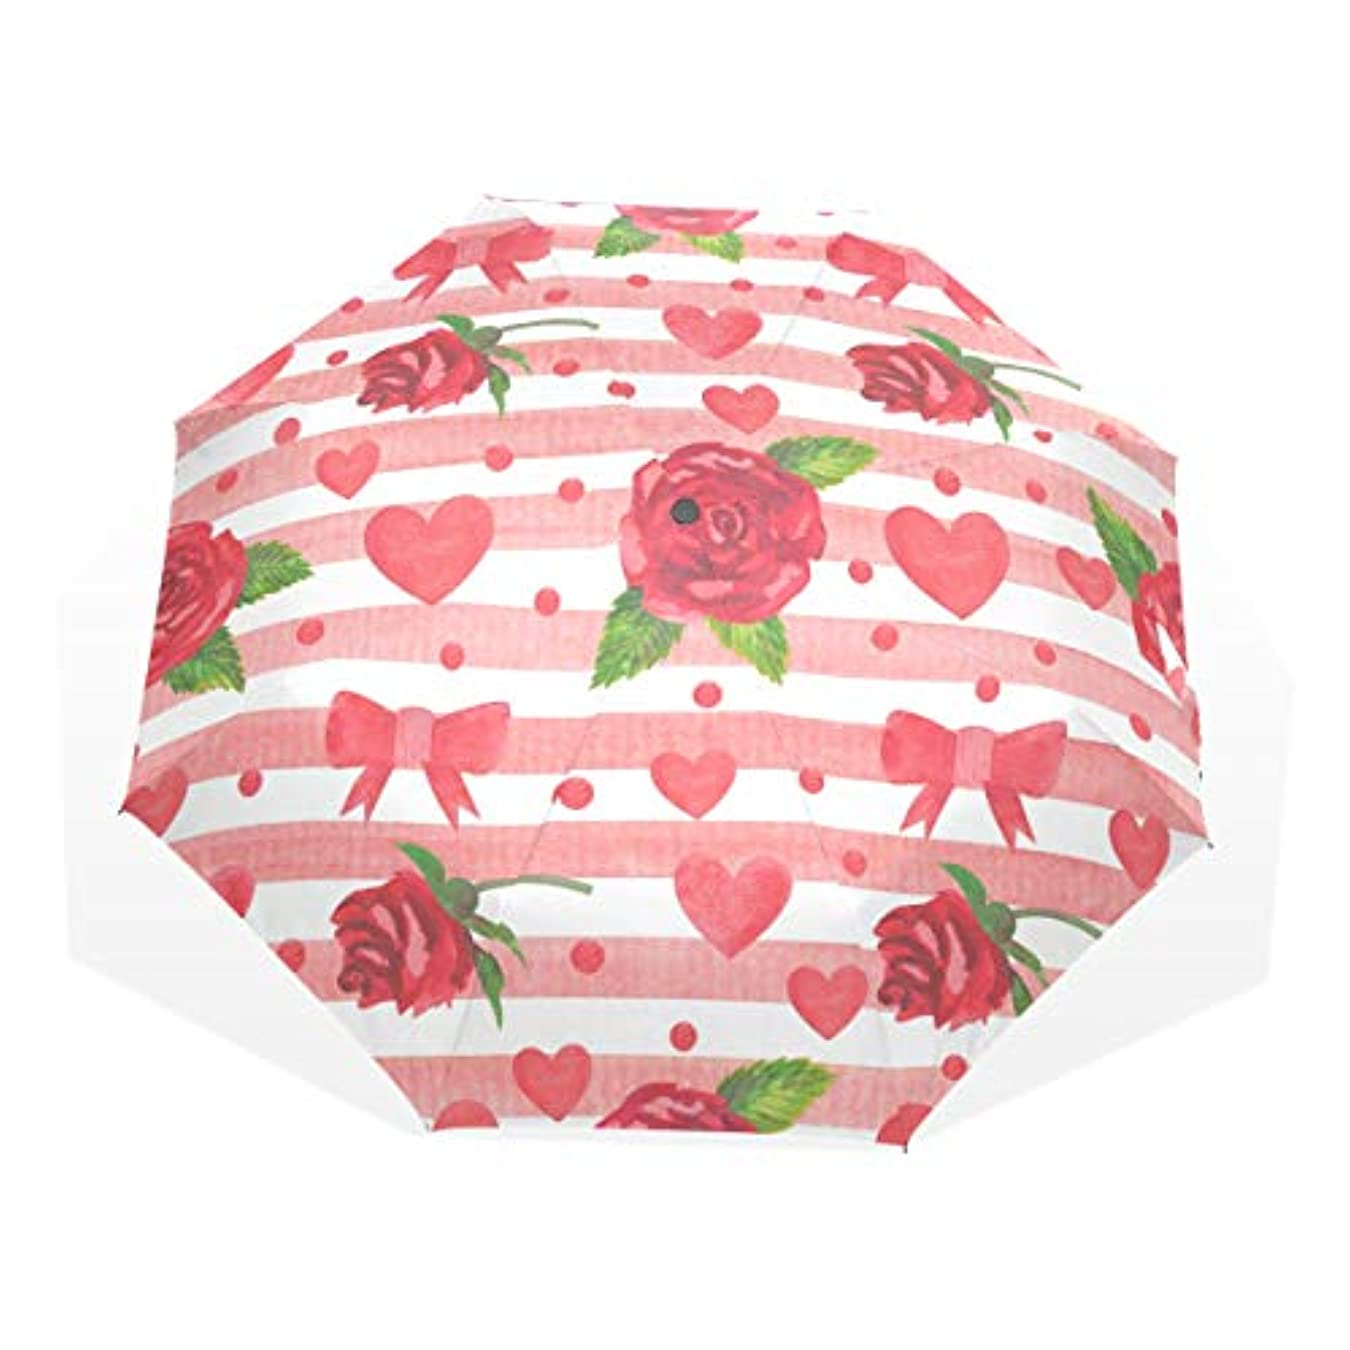 食欲覚えているニッケルAOMOKI 折り畳み傘 折りたたみ傘 日傘 手開 UVカットき 三つ折り 晴雨兼用 梅雨対策 耐強風 8本骨 男女兼用 薔薇柄 ハート 赤